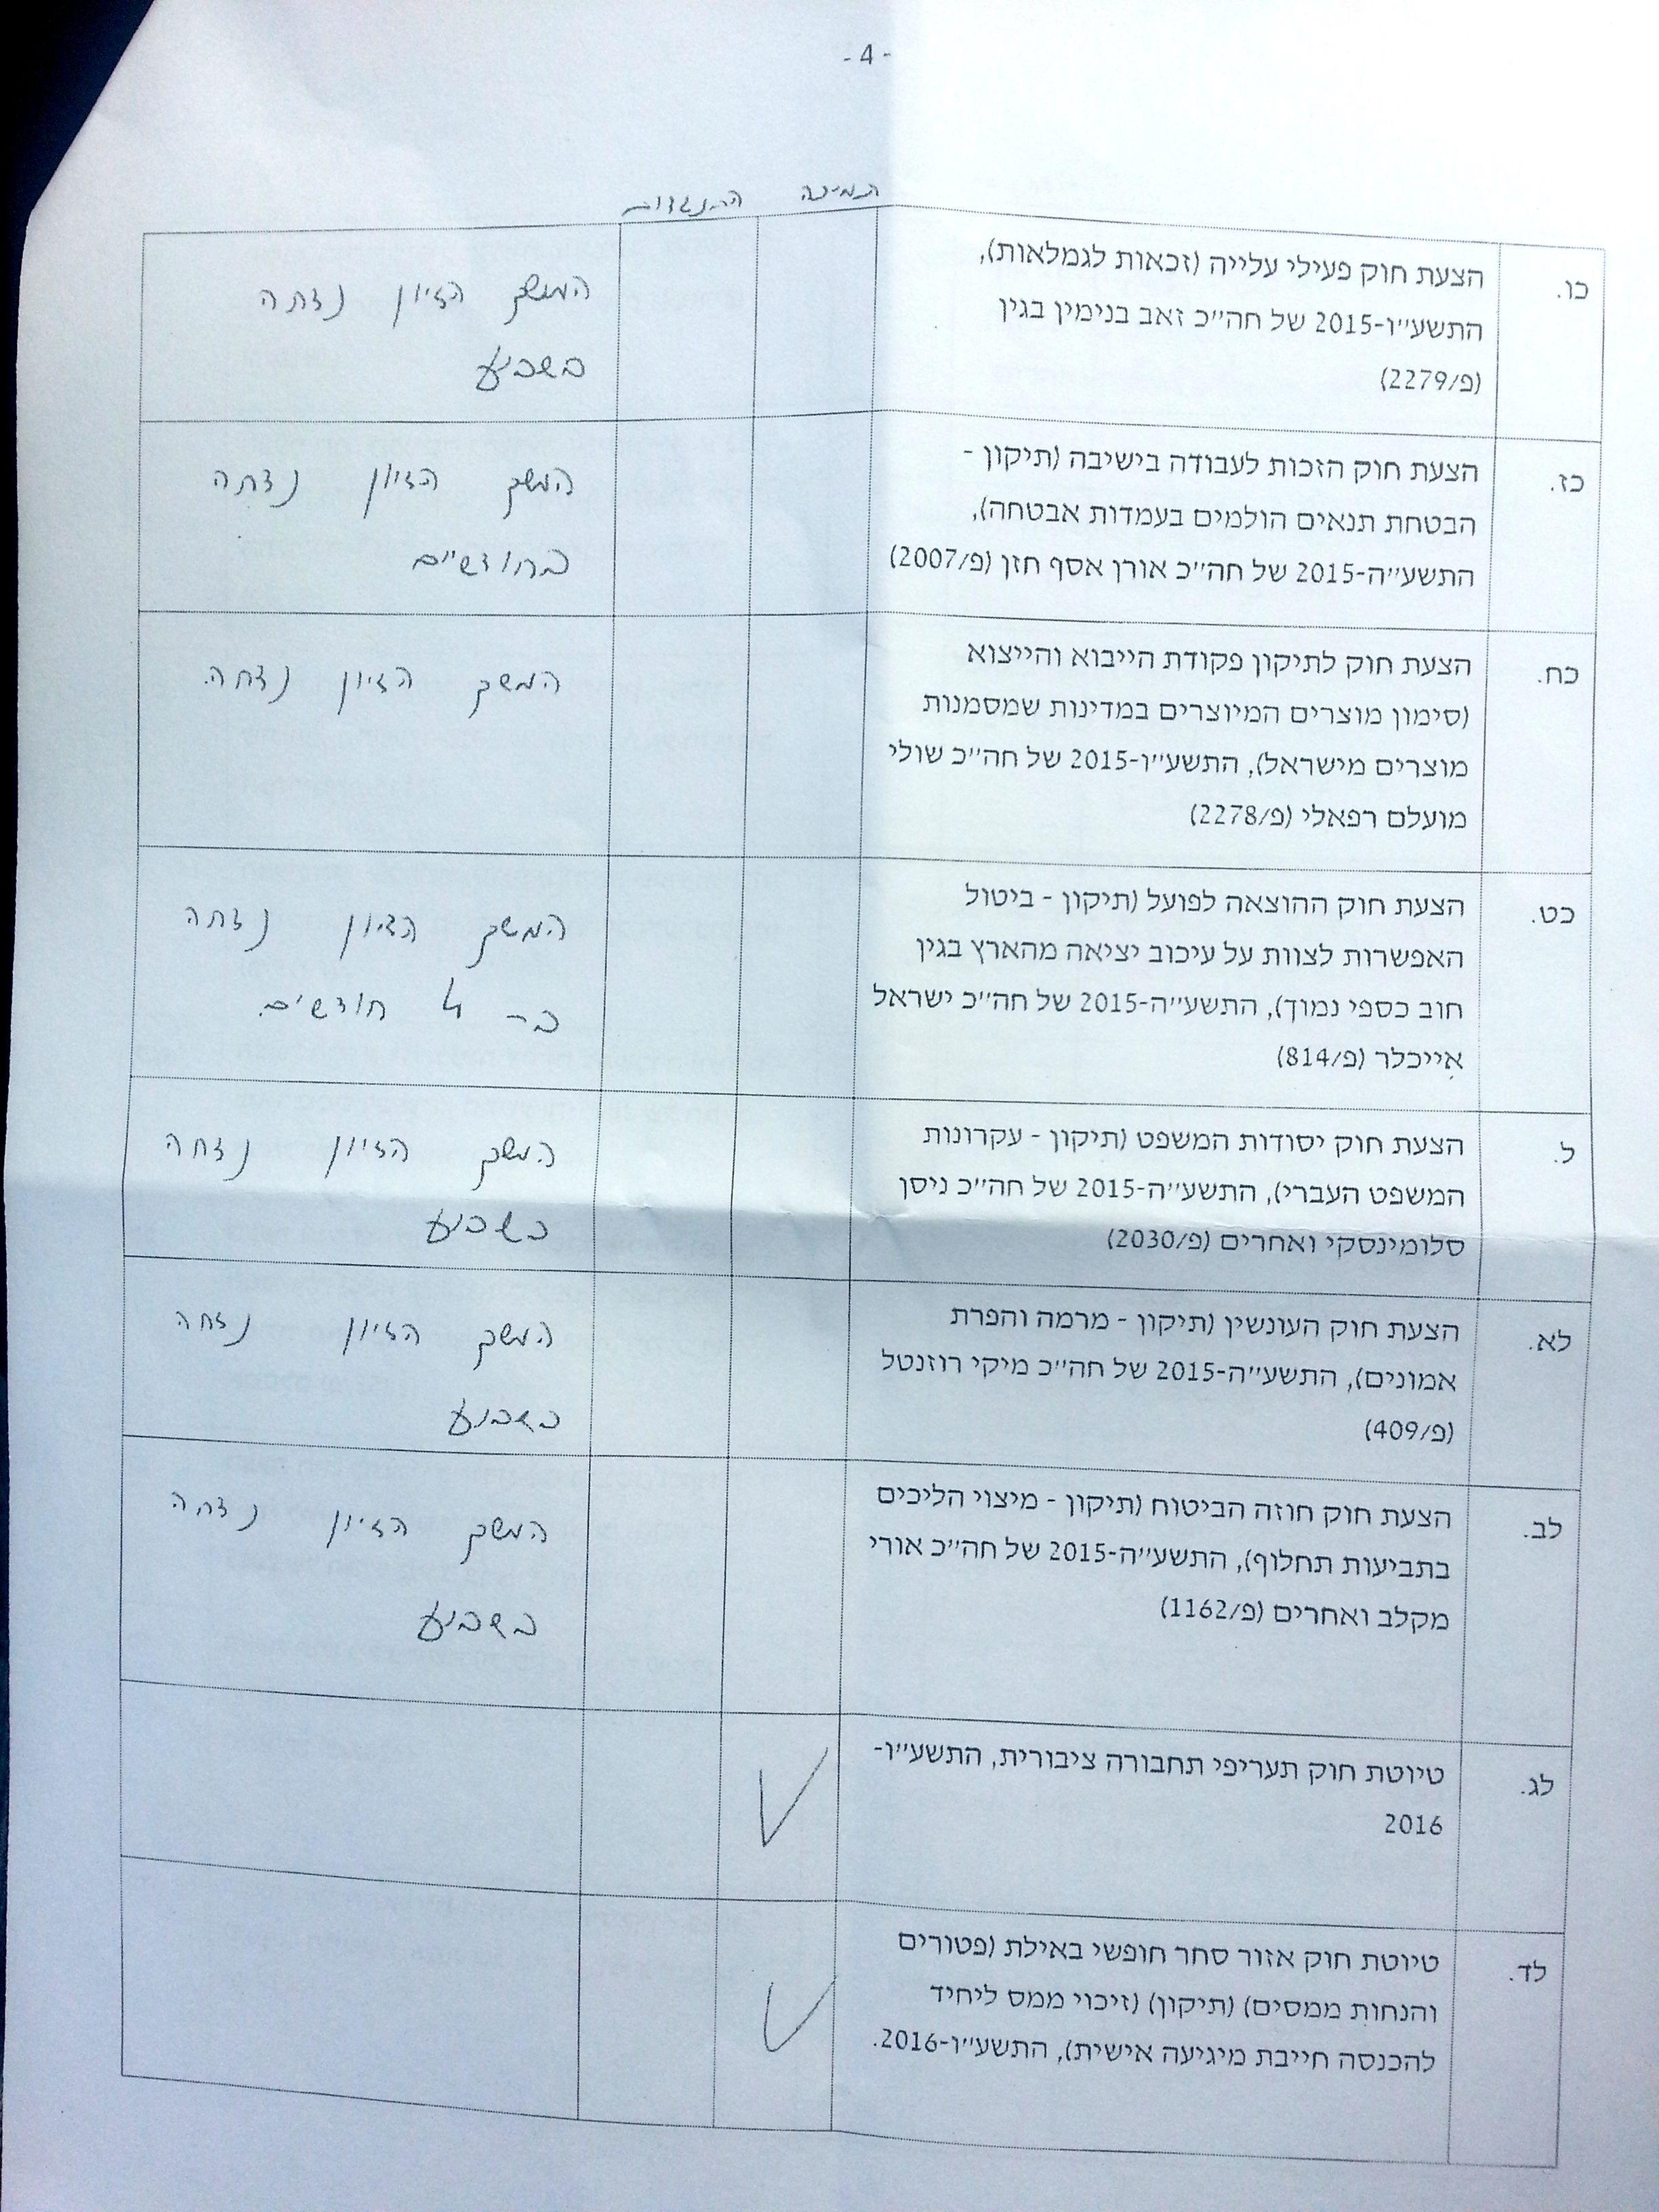 ועדת.שרים.11.1.16-עמוד 4